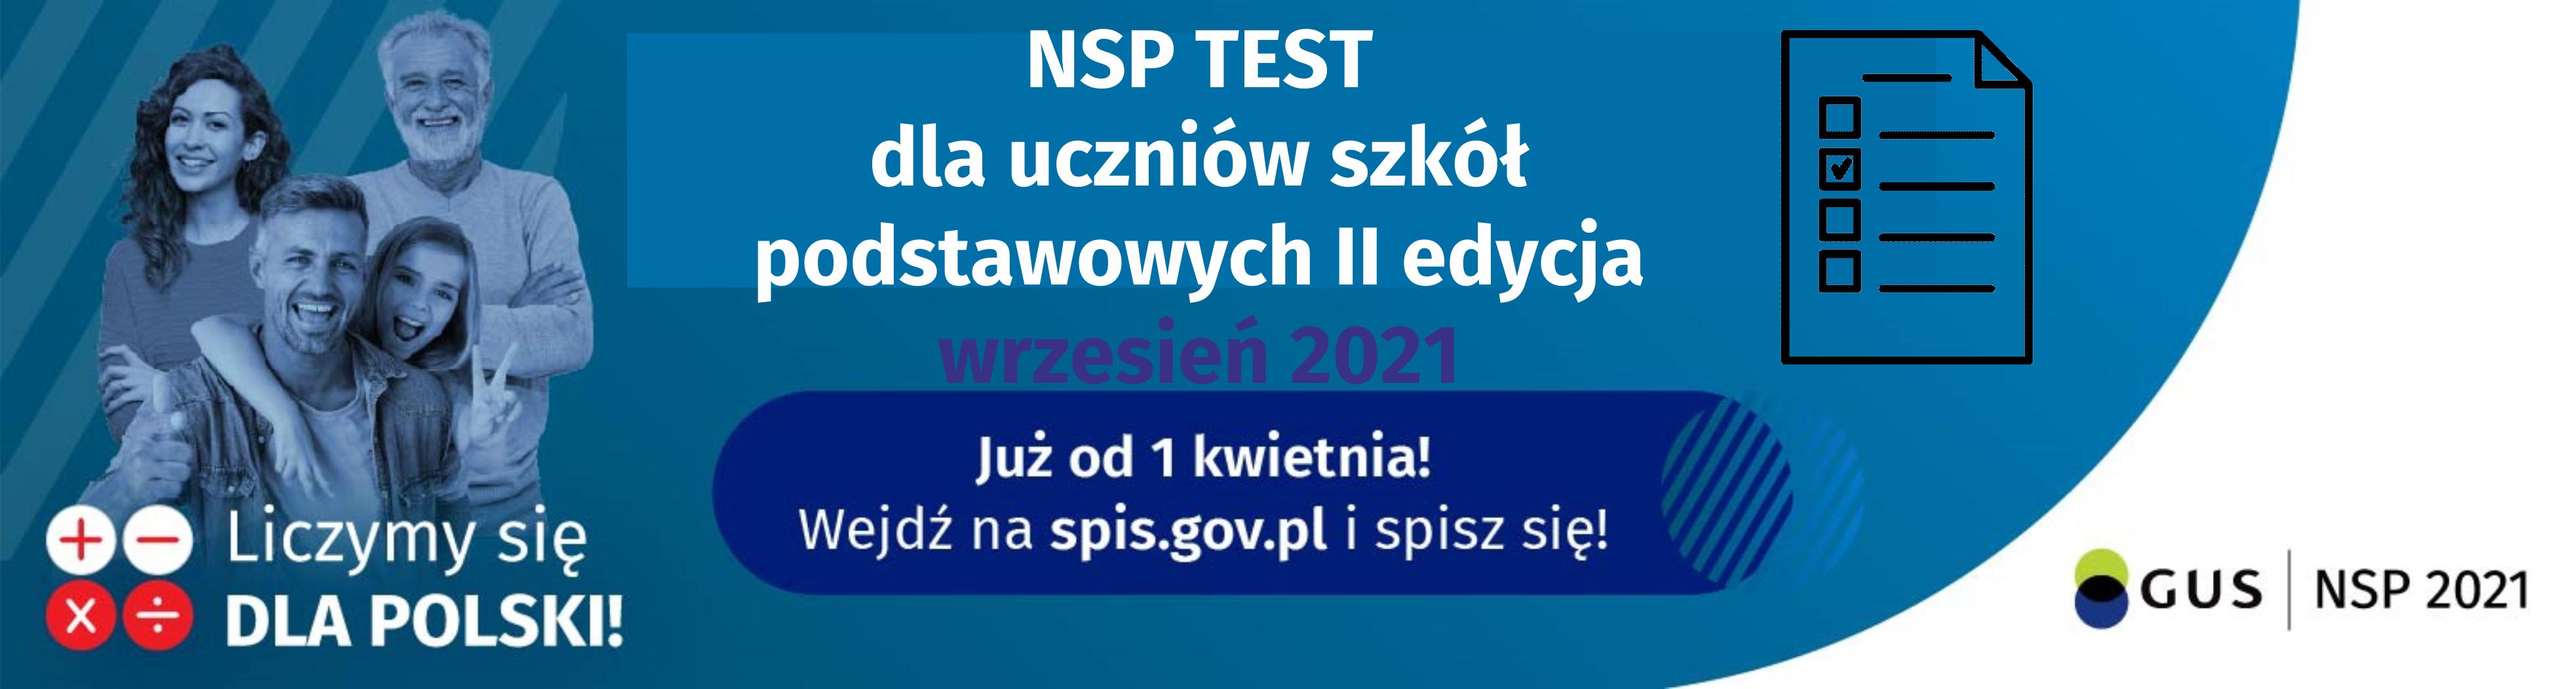 Konkurs NSP test wiedzy o Narodowym Spisie Powszechnym 2021 dla uczniów szkół podstawowych II edycja wrzesień 2021